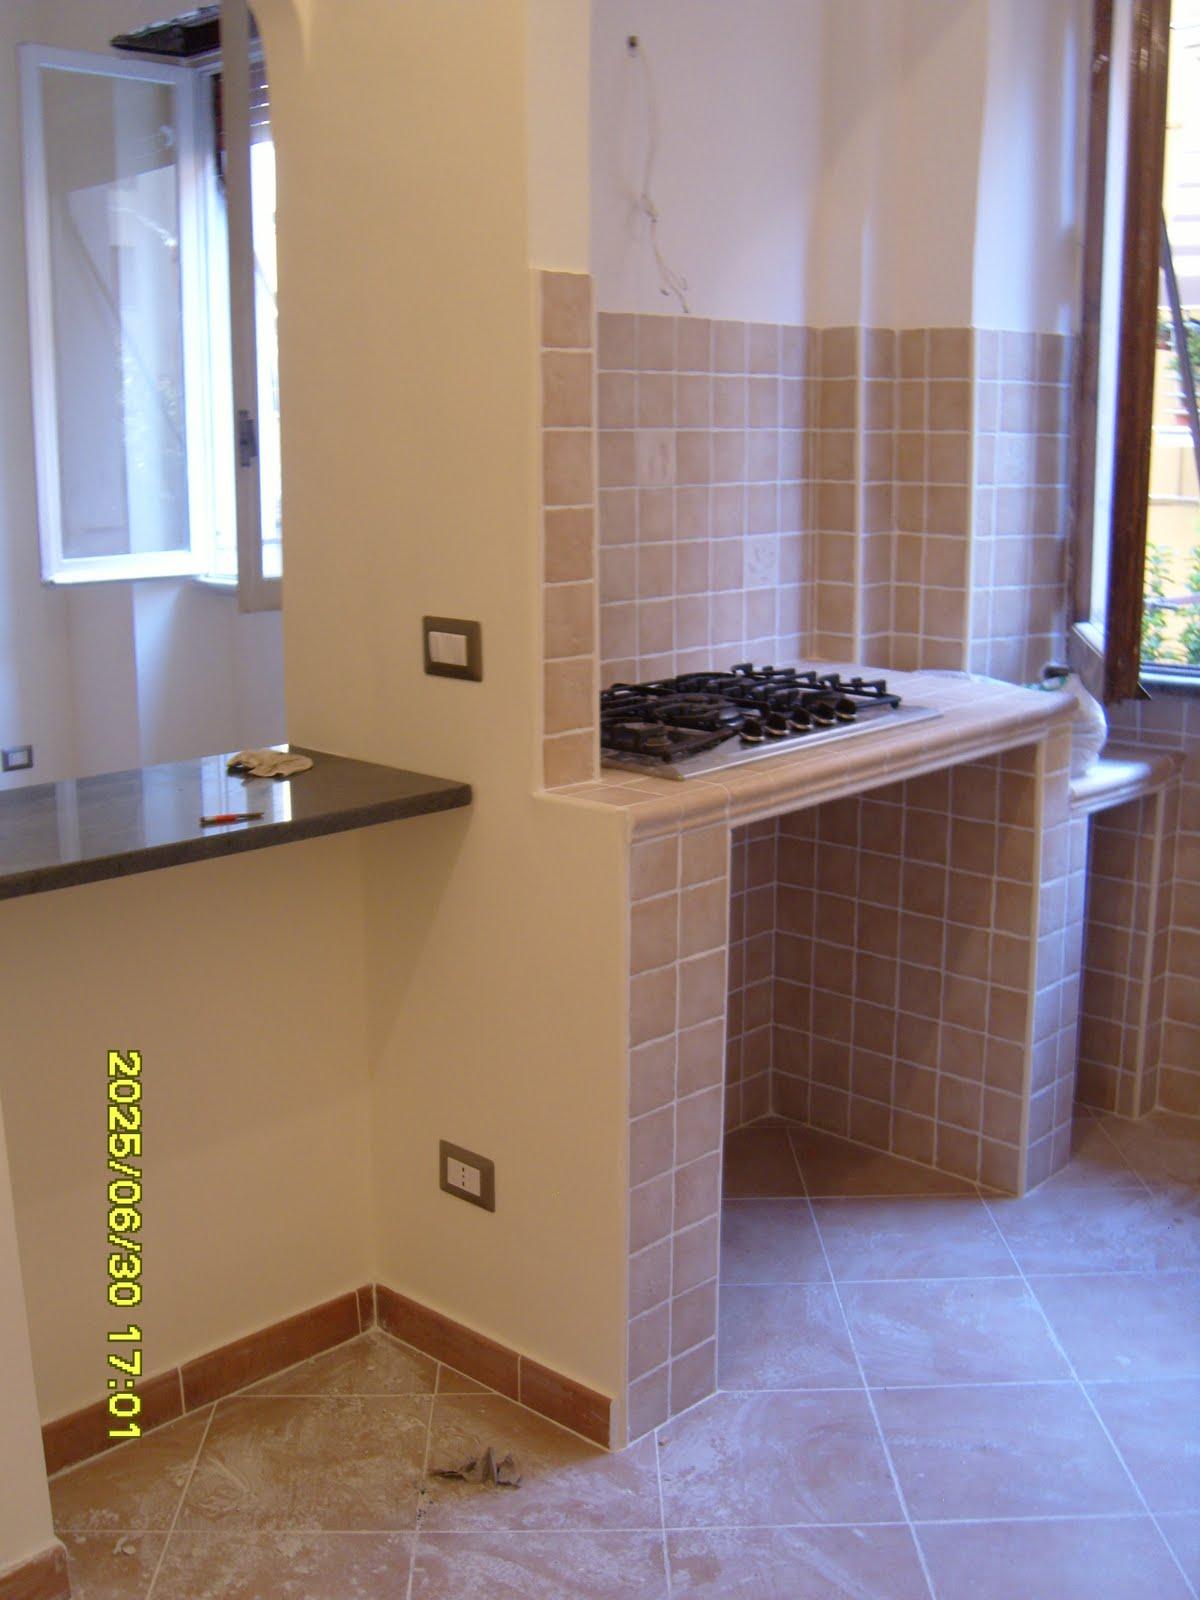 Ristrutturando Casa: LE CUCINE IN MURATURA ECONOMICHE #2B4BA0 1200 1600 Foto Cucine In Muratura Con Isola